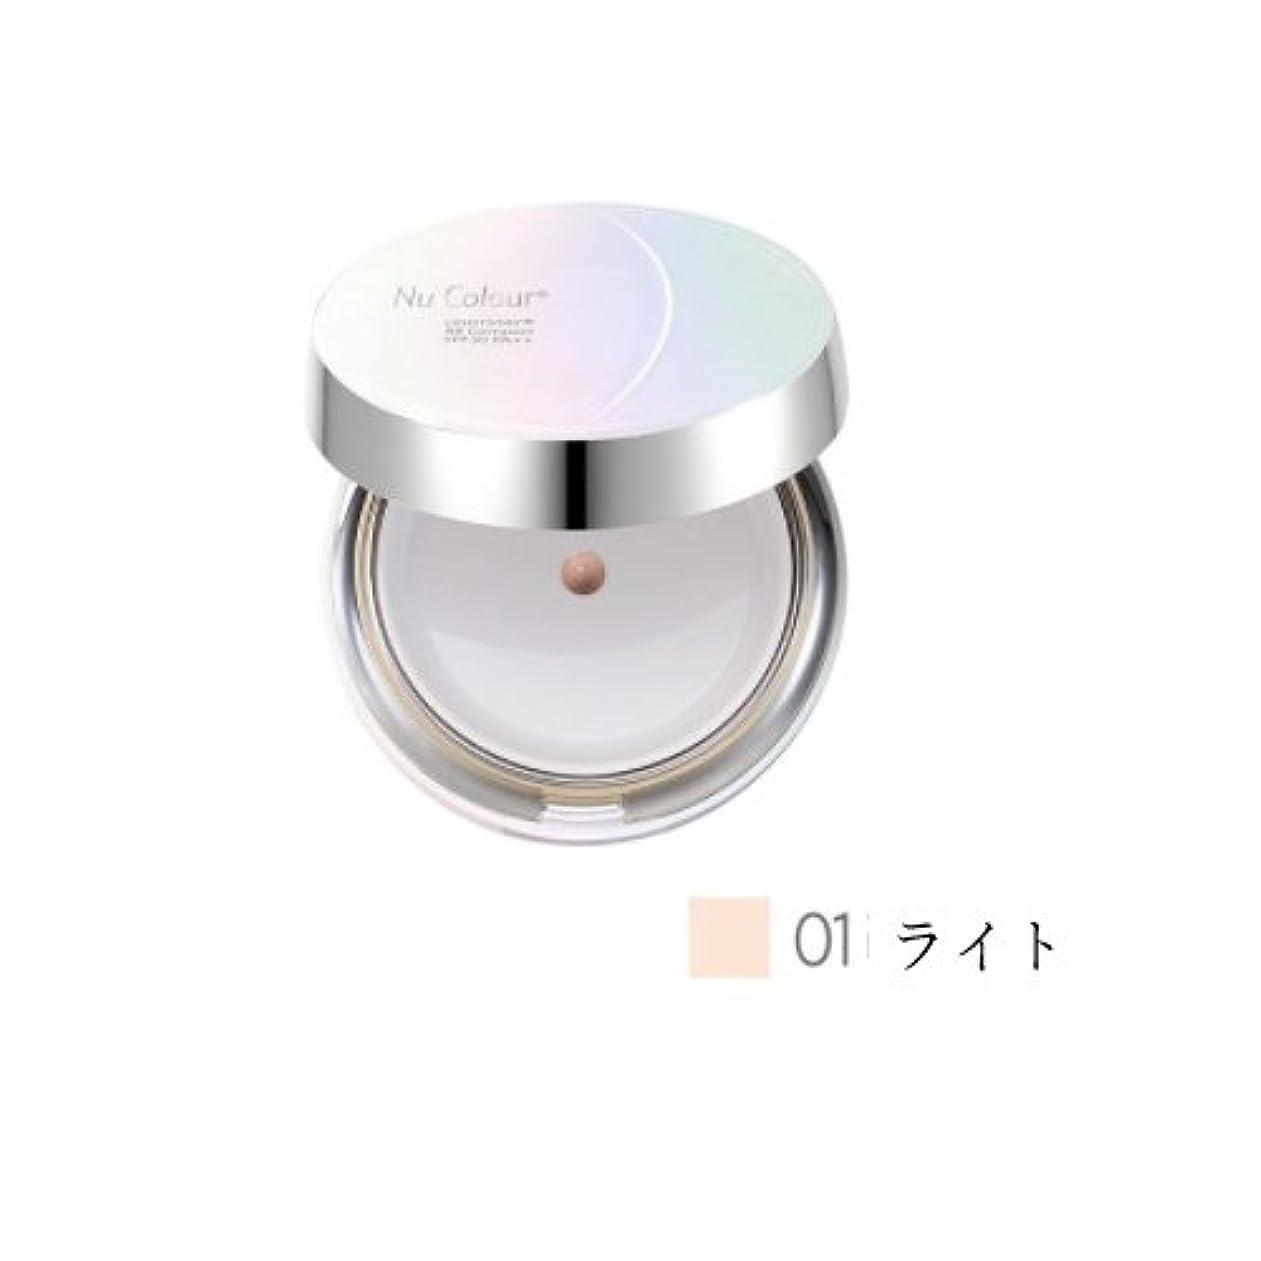 ニュースキン ライトステイビビコンパクトSPF30 PA++01ライト BB Compact 01 Light [並行輸入品]